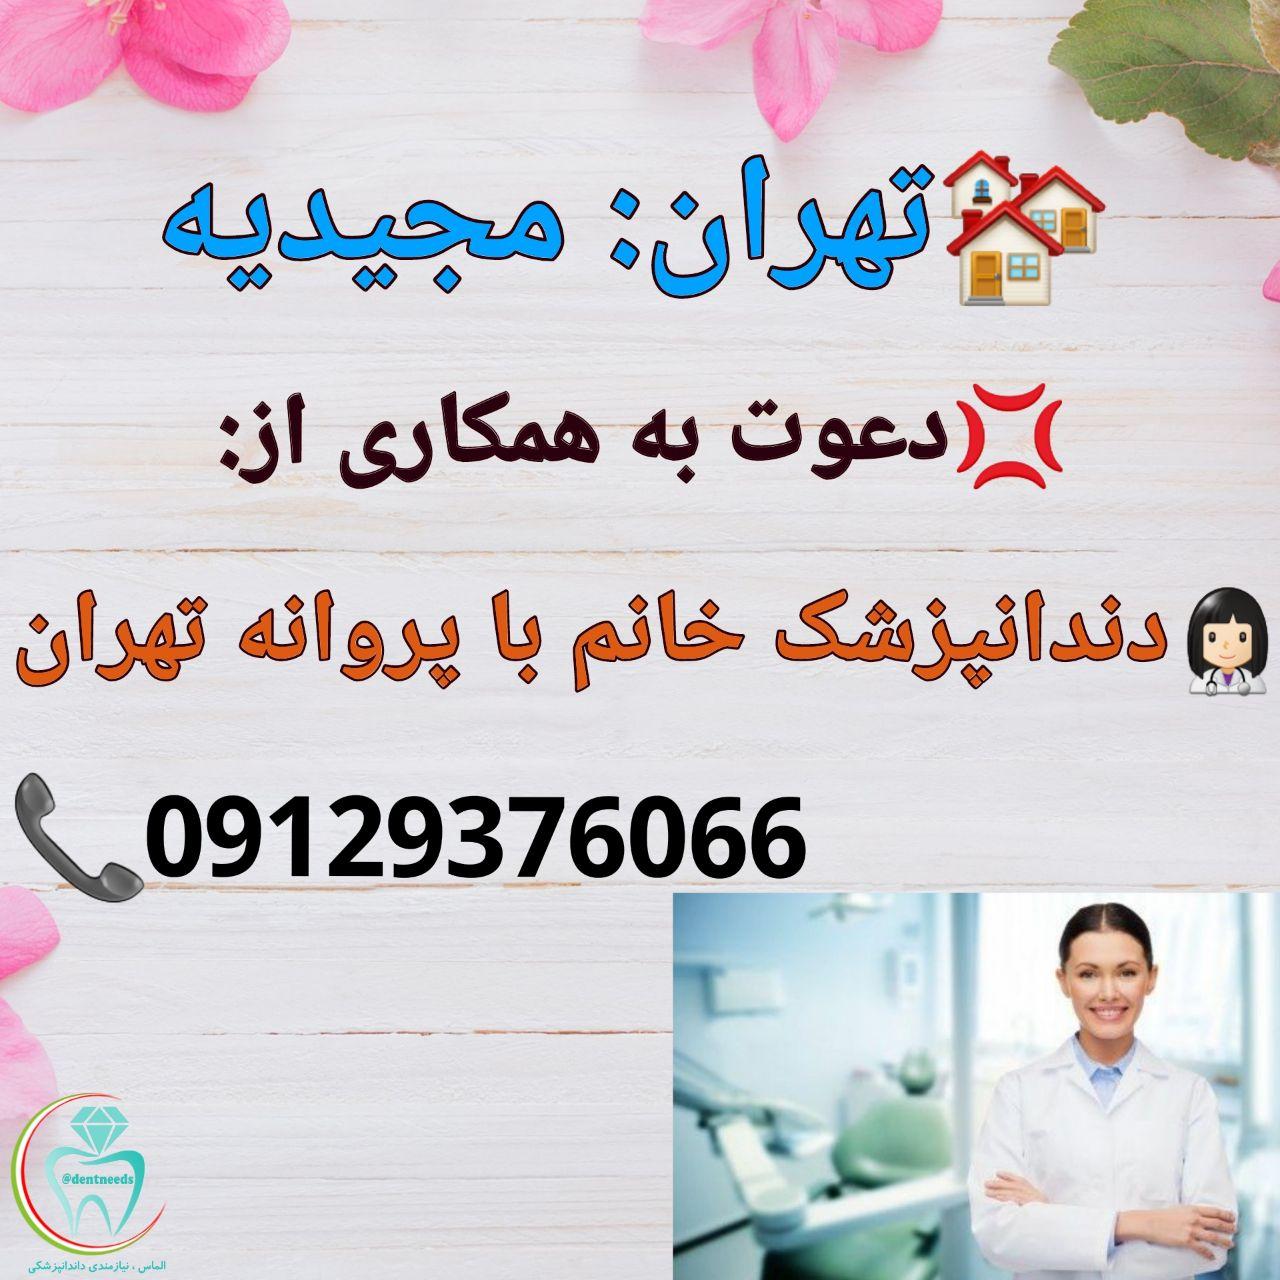 تهران: مجیدیه، دعوت به همکاری از دندانپزشک خانم